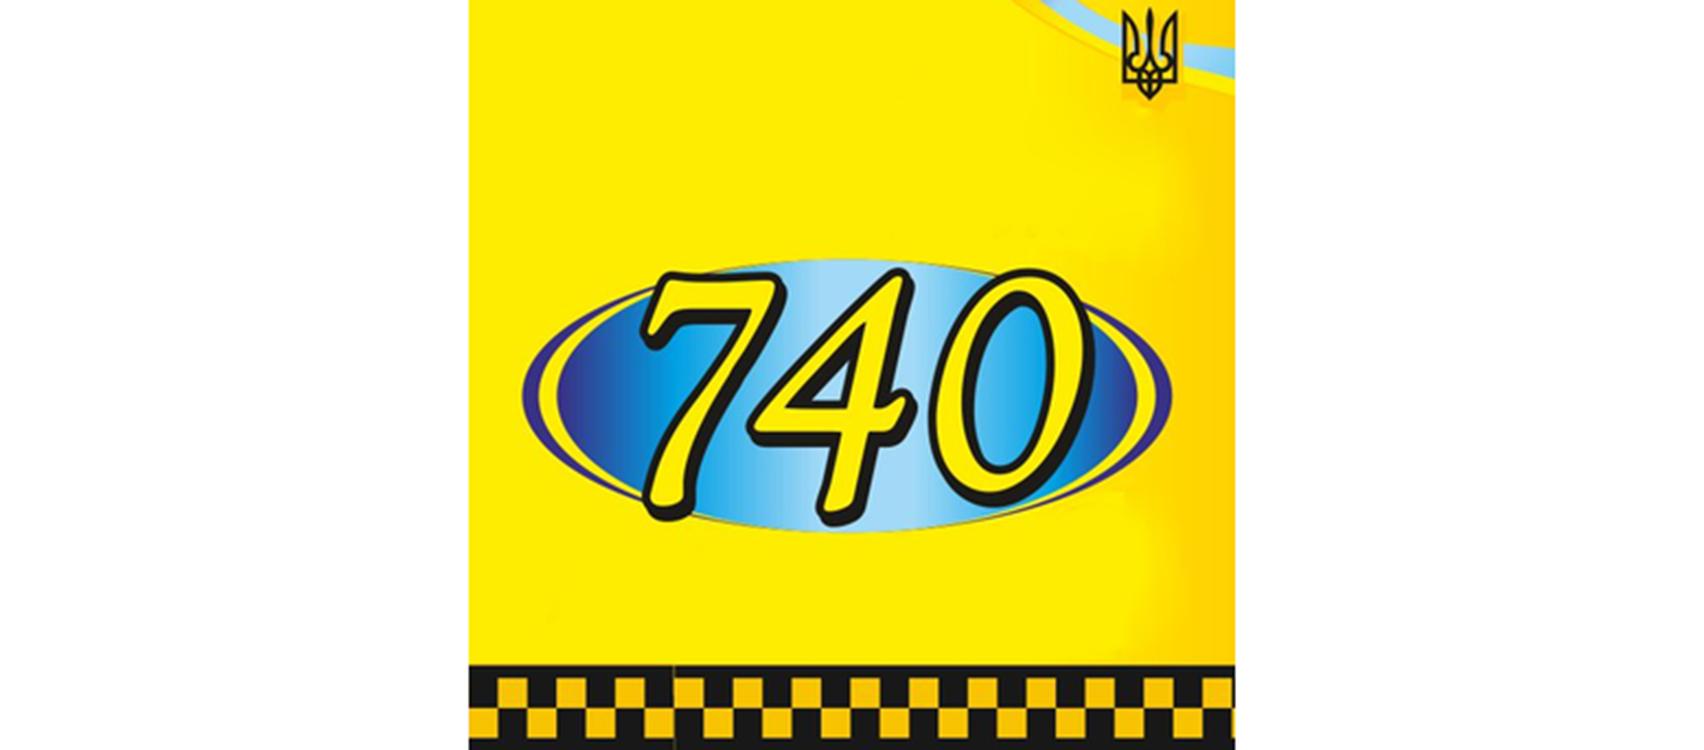 Таксі 740  (Івано-Франківськ)